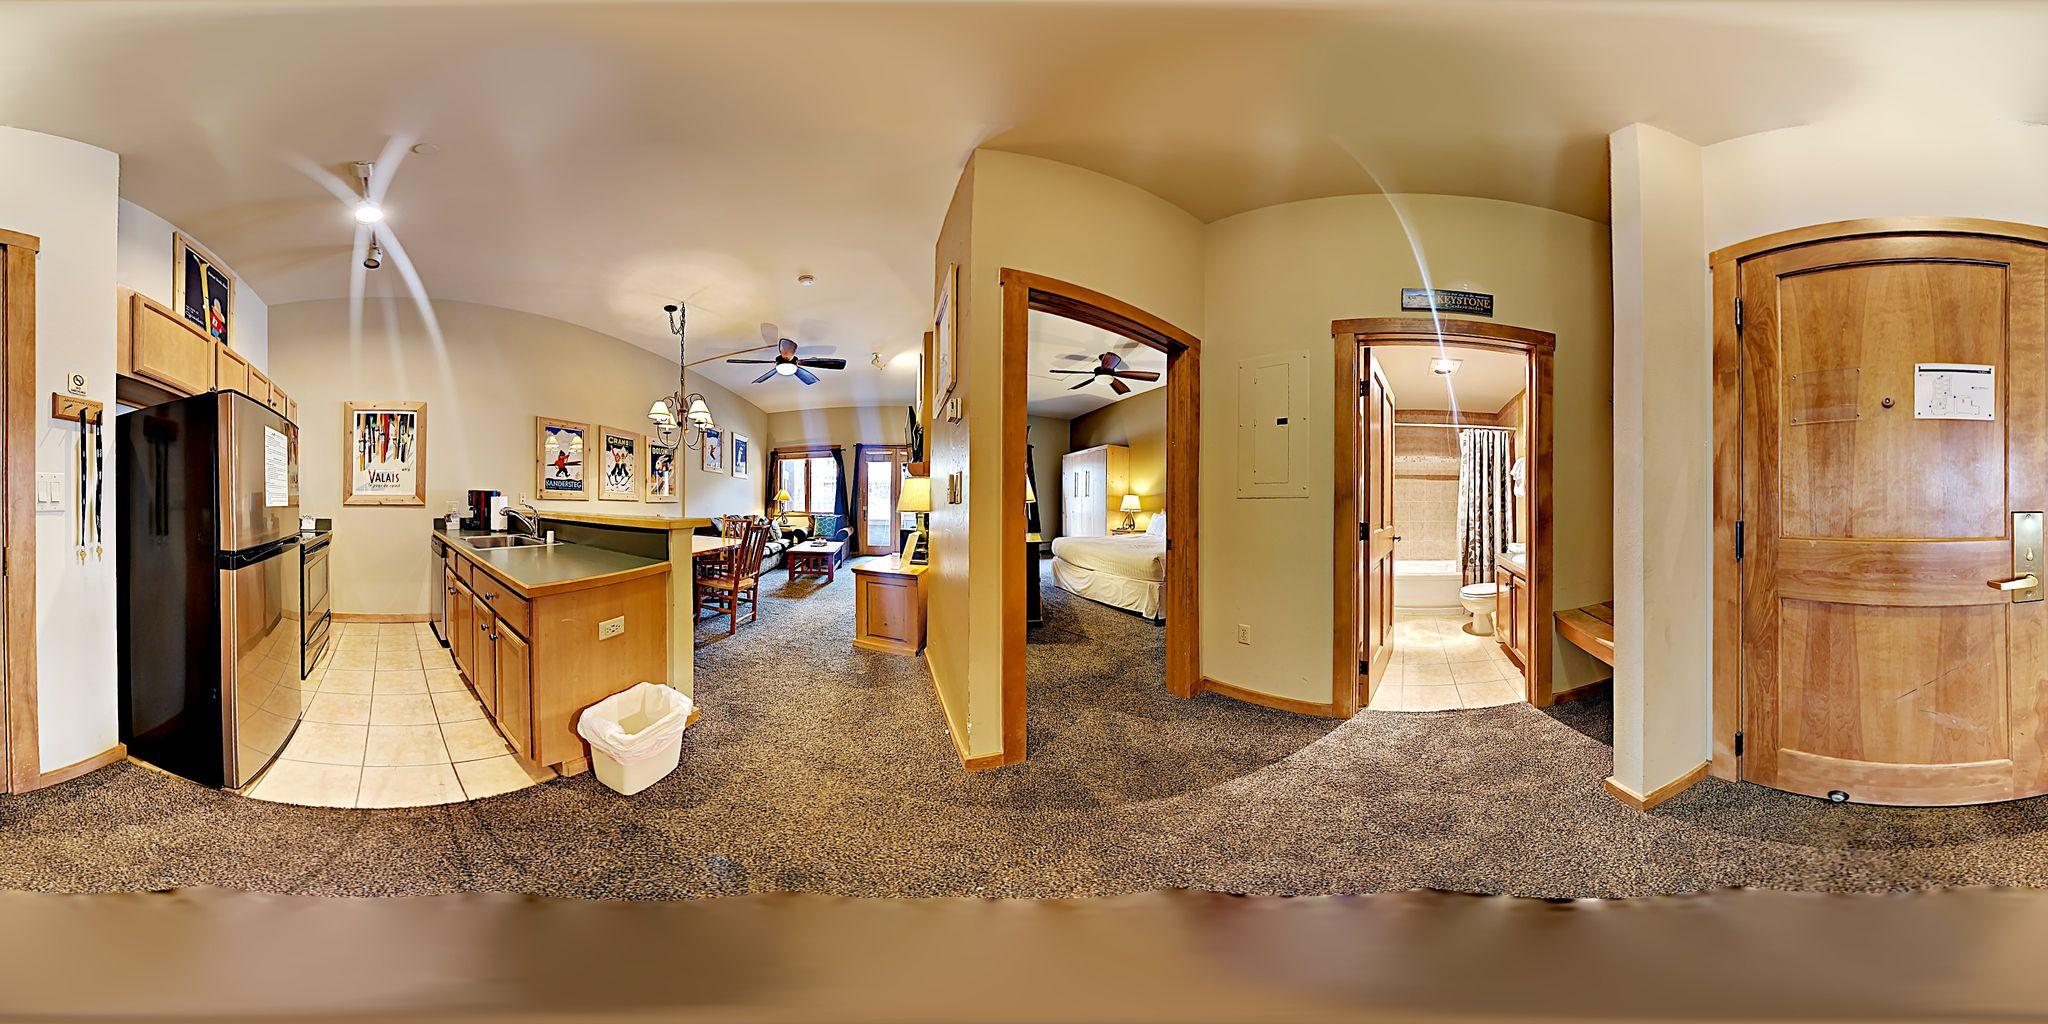 Obtenha uma vista imersiva de 360graus das características e da estrutura desta propriedade.